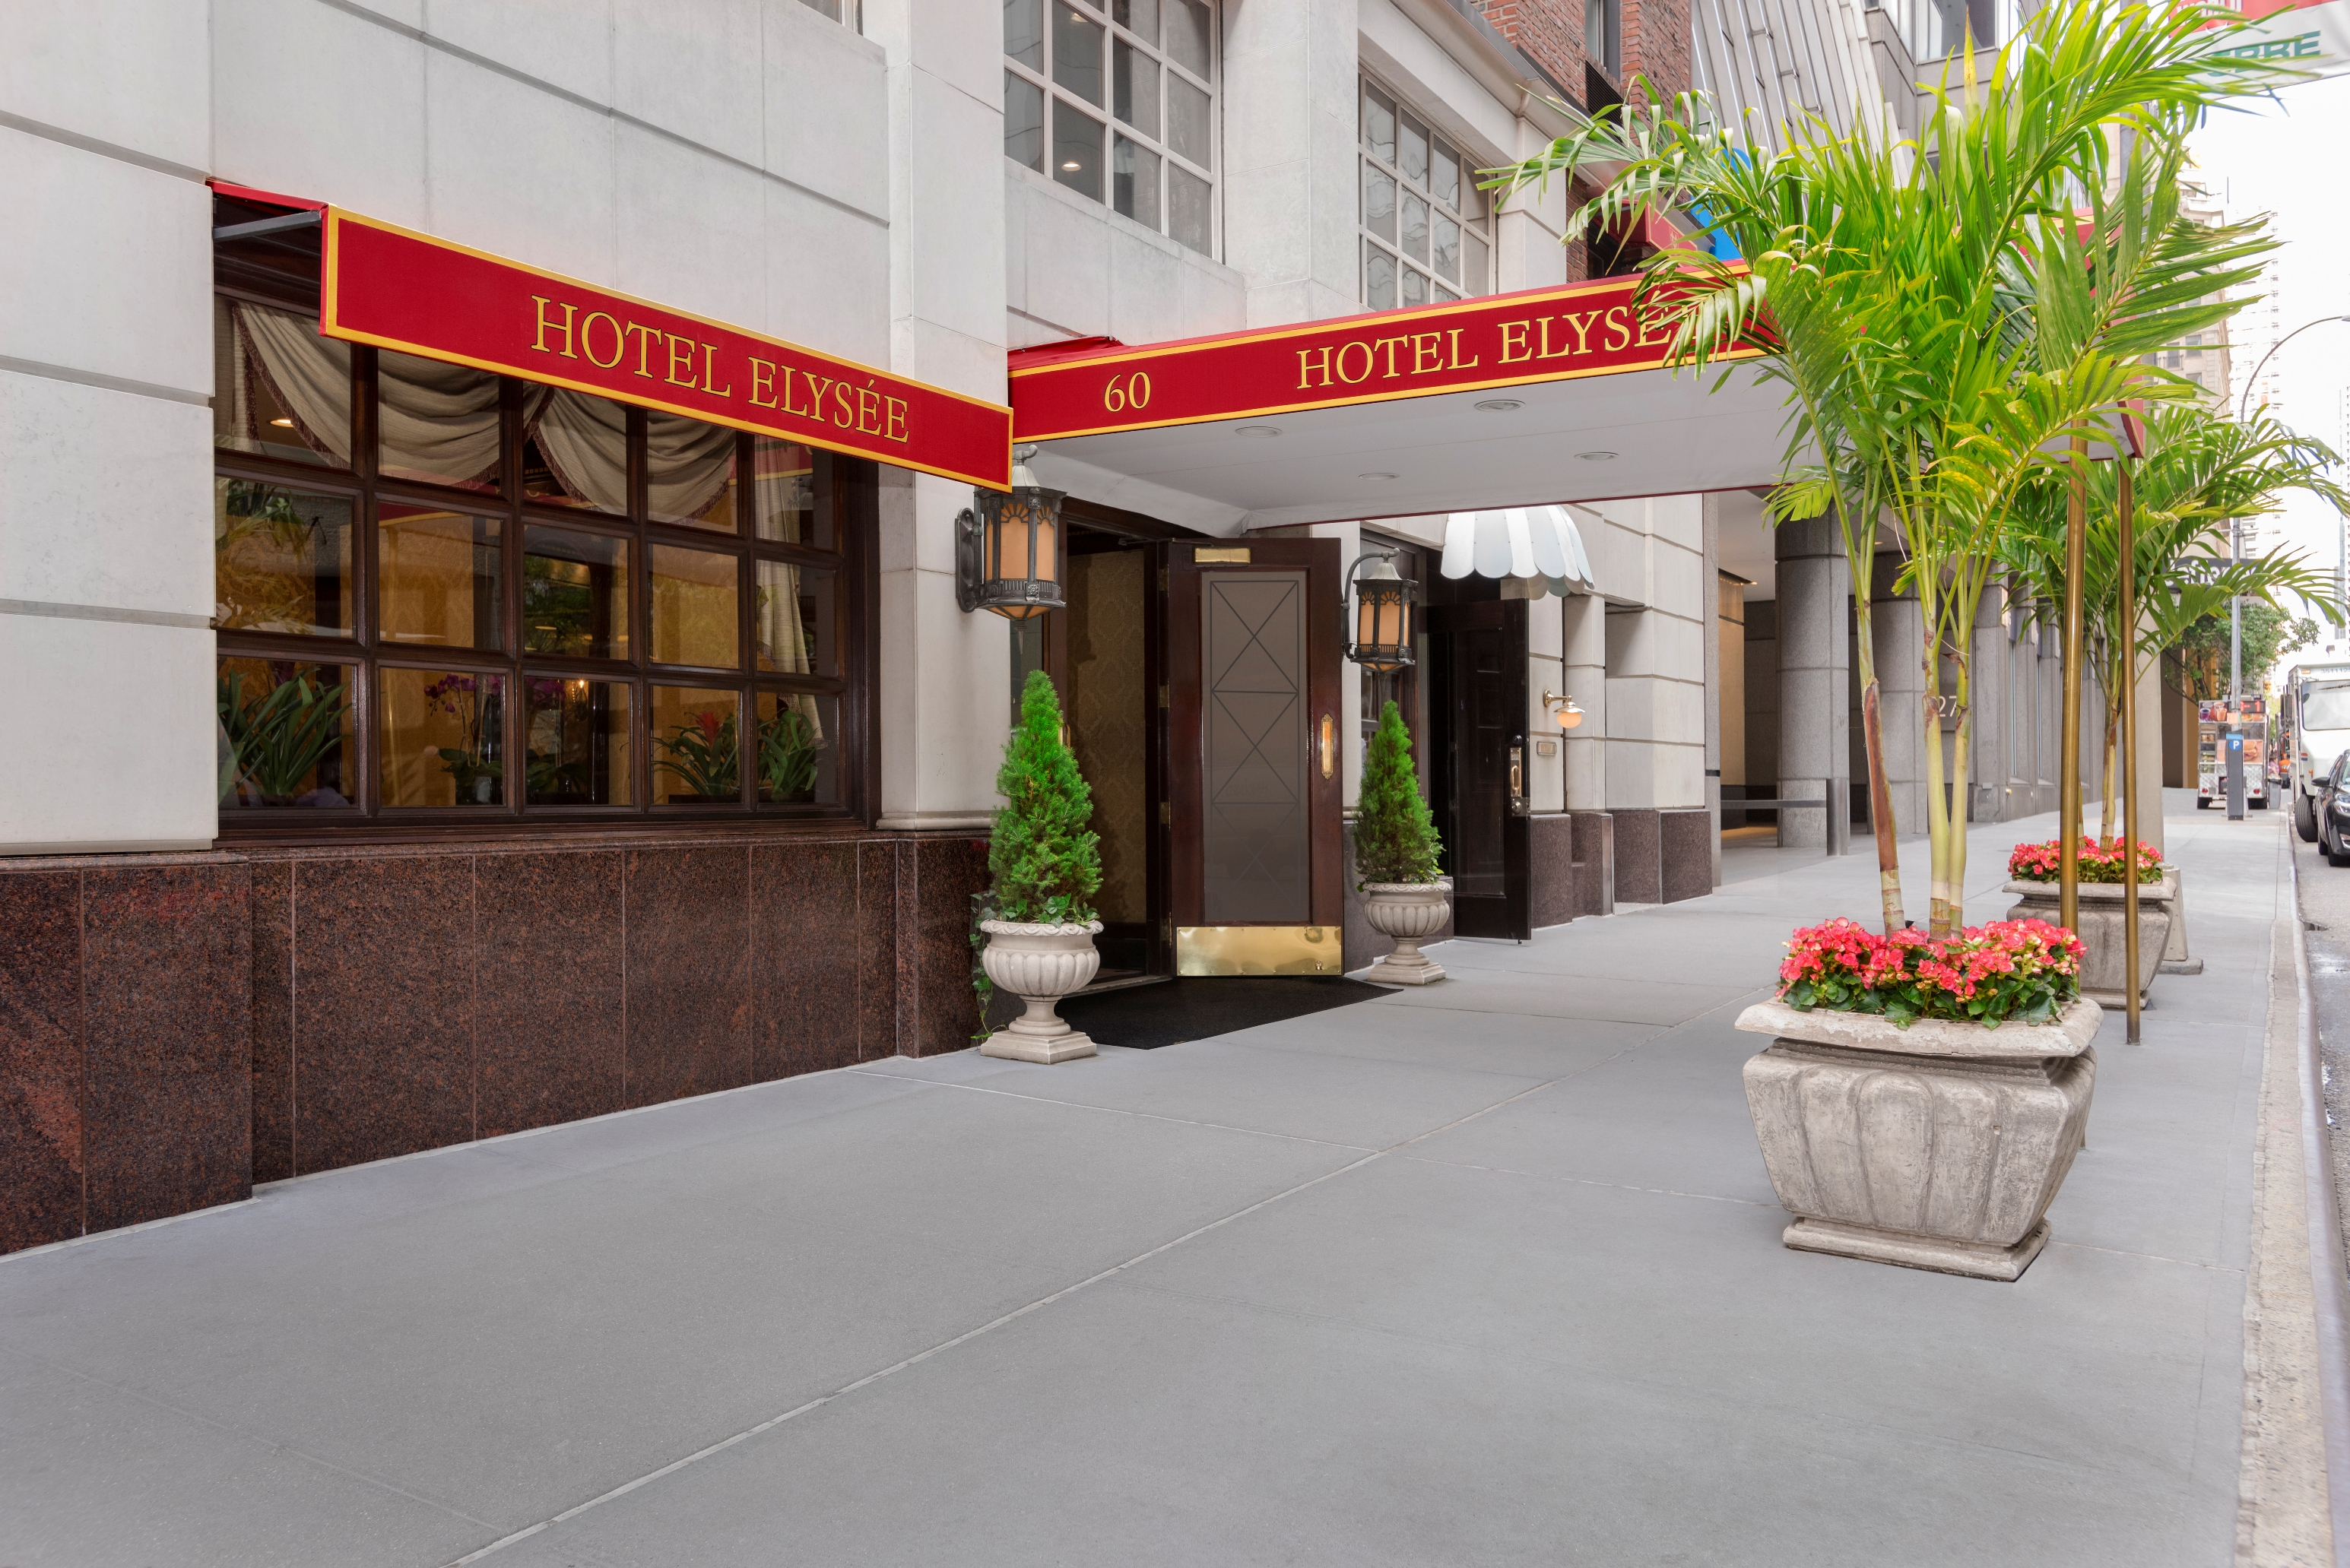 Hotel Elysee New York - Entrance